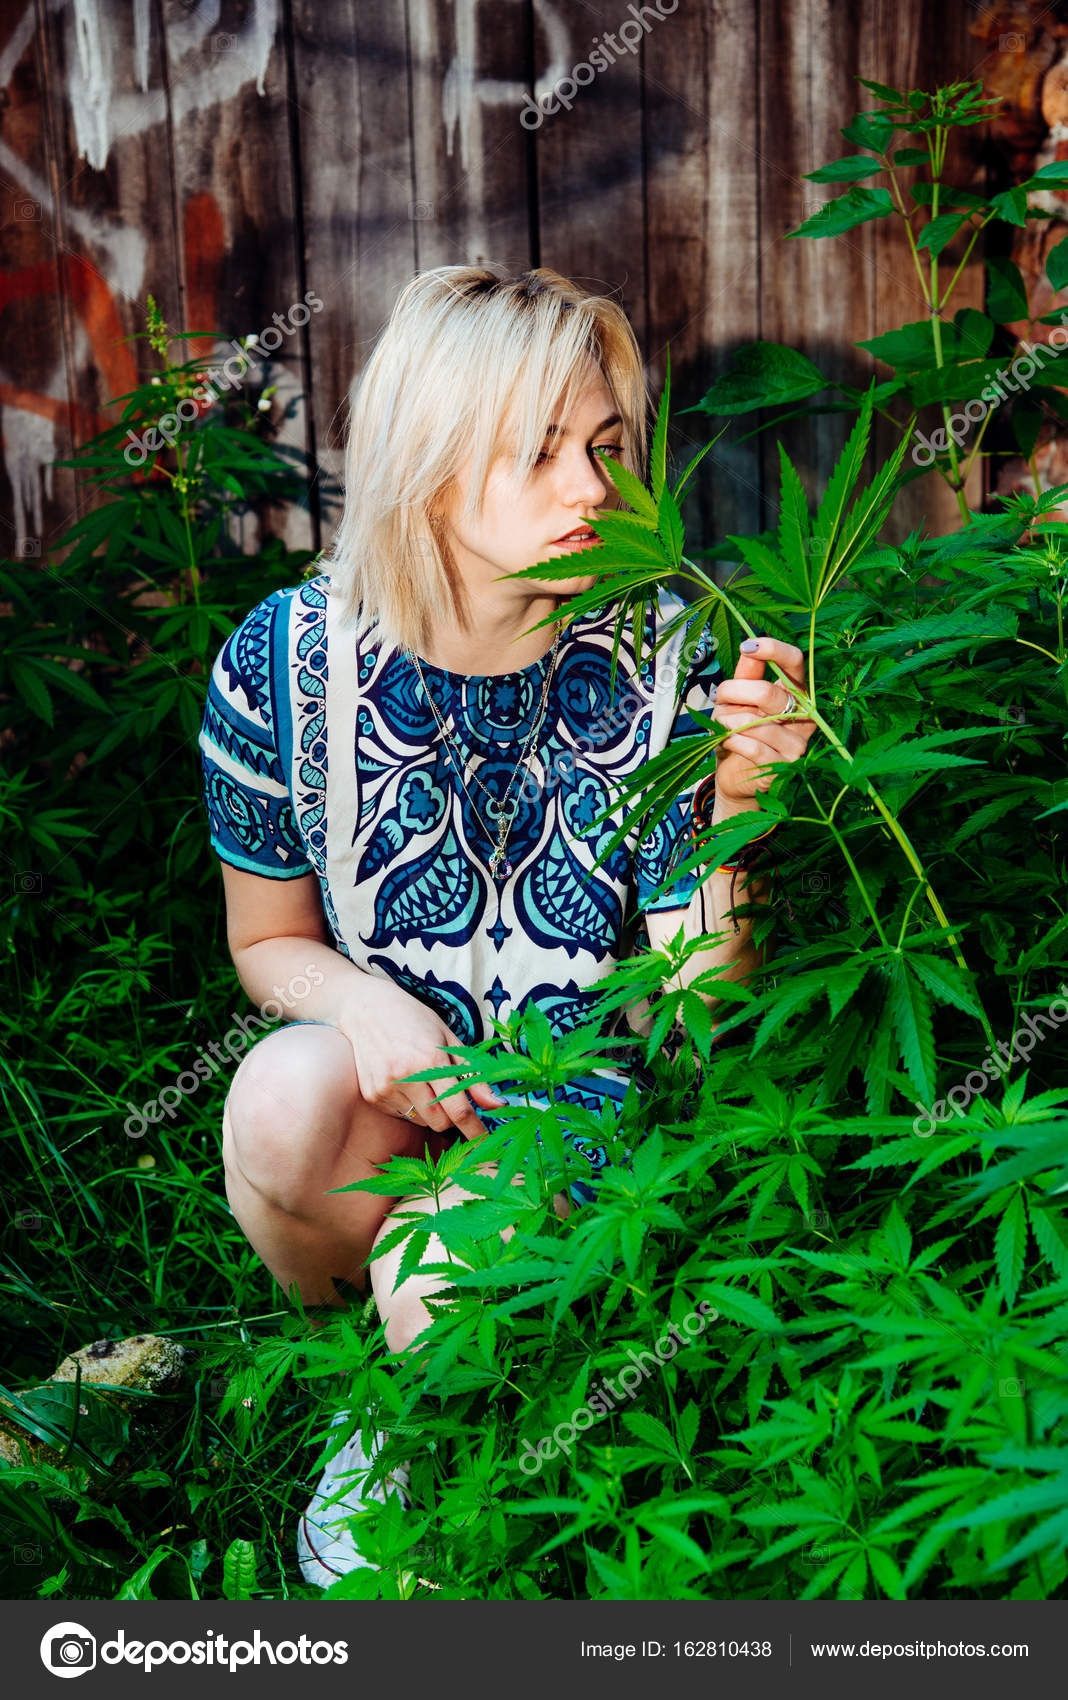 Картинки девушек и конопли как выглядит шишка марихуаны